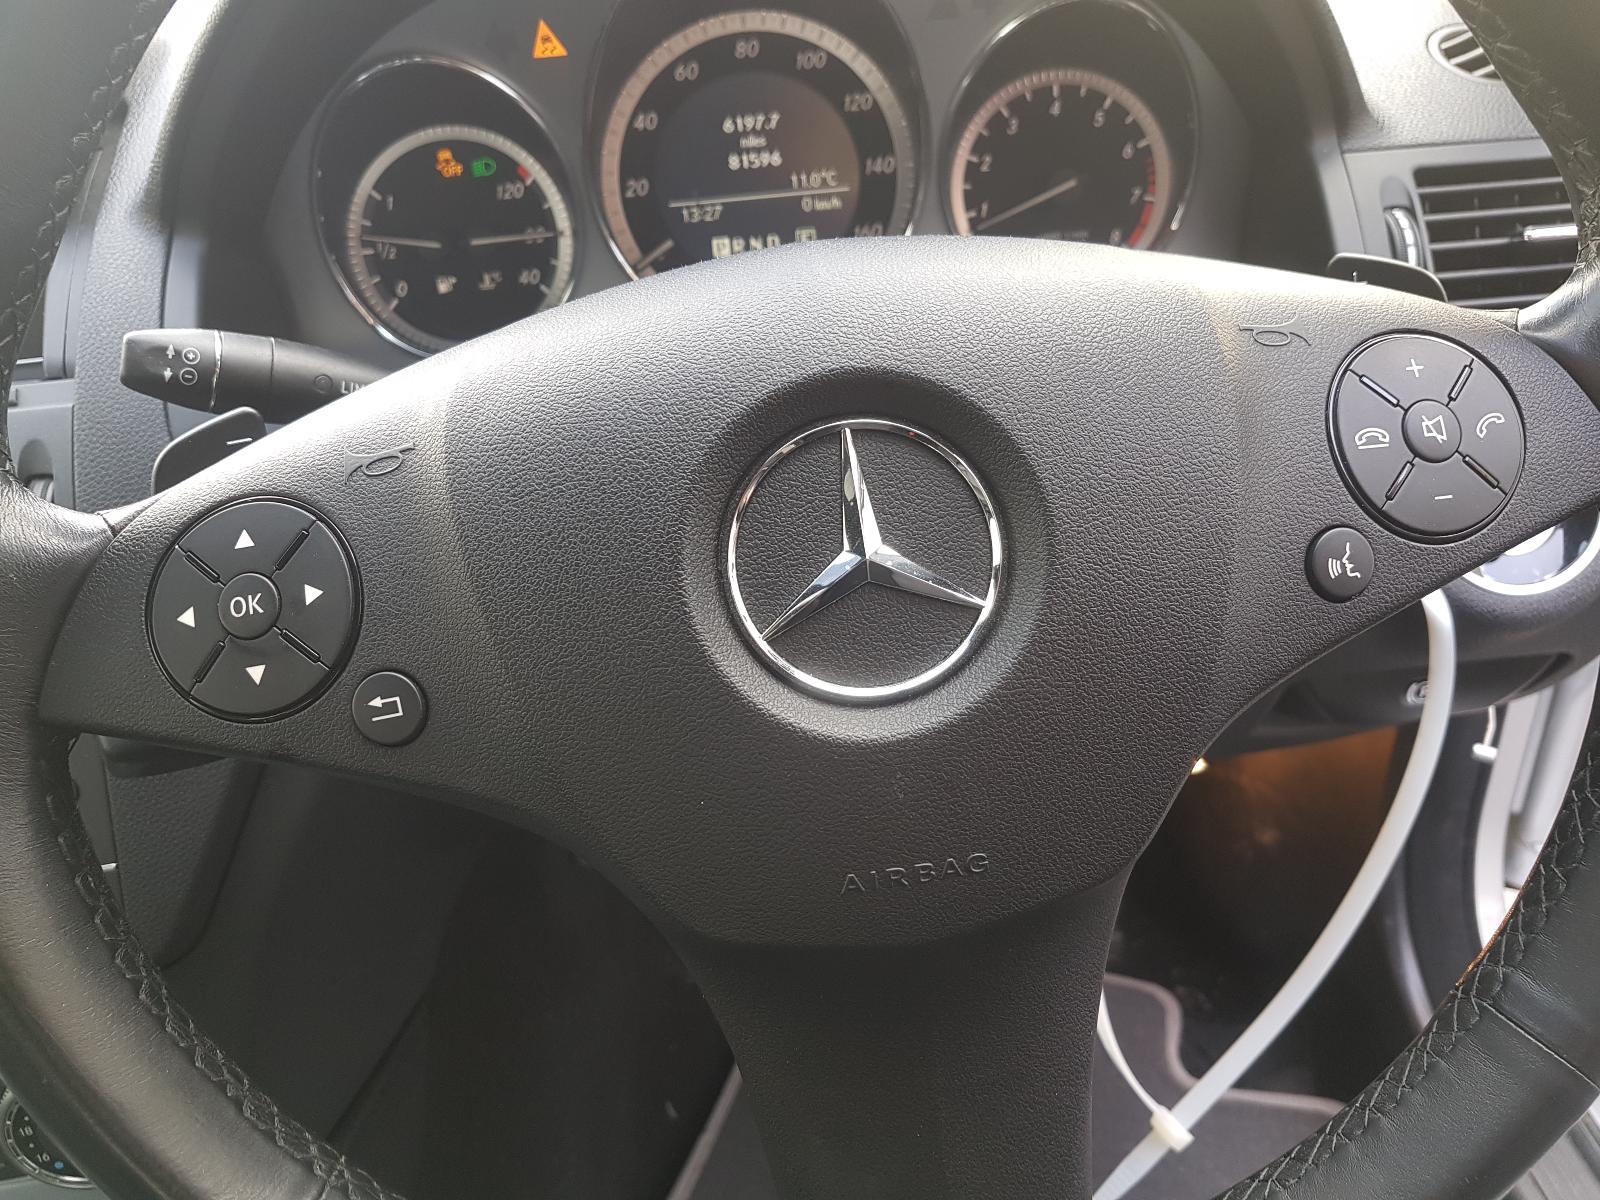 View Auto part Rear Subframe Mercedes C Class 2011